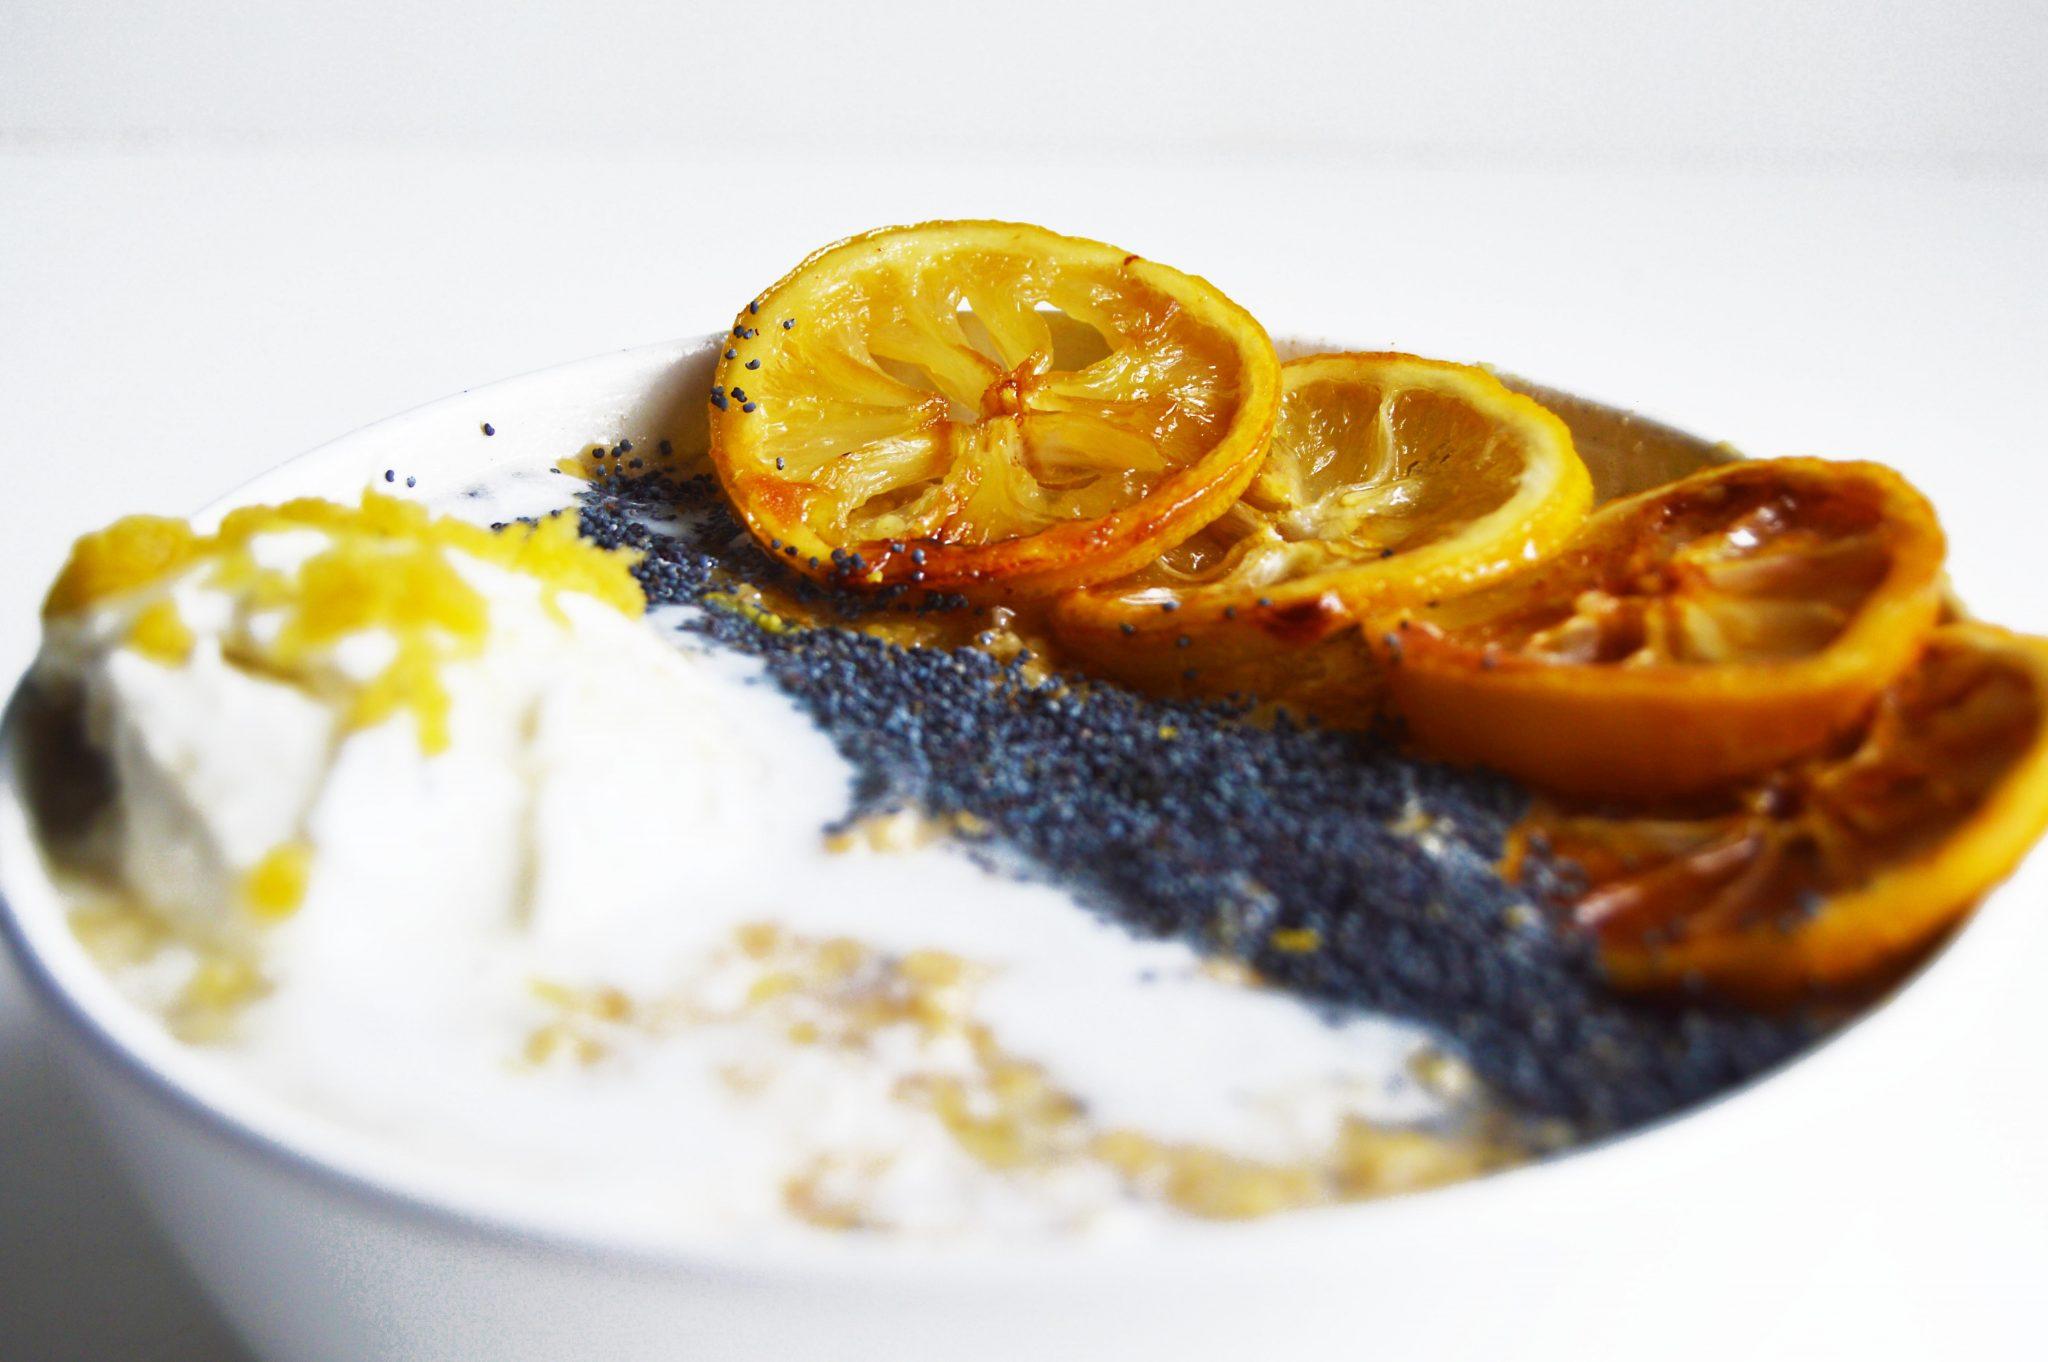 lemon-poppy-seed-porridge-breakfast-bowl-6